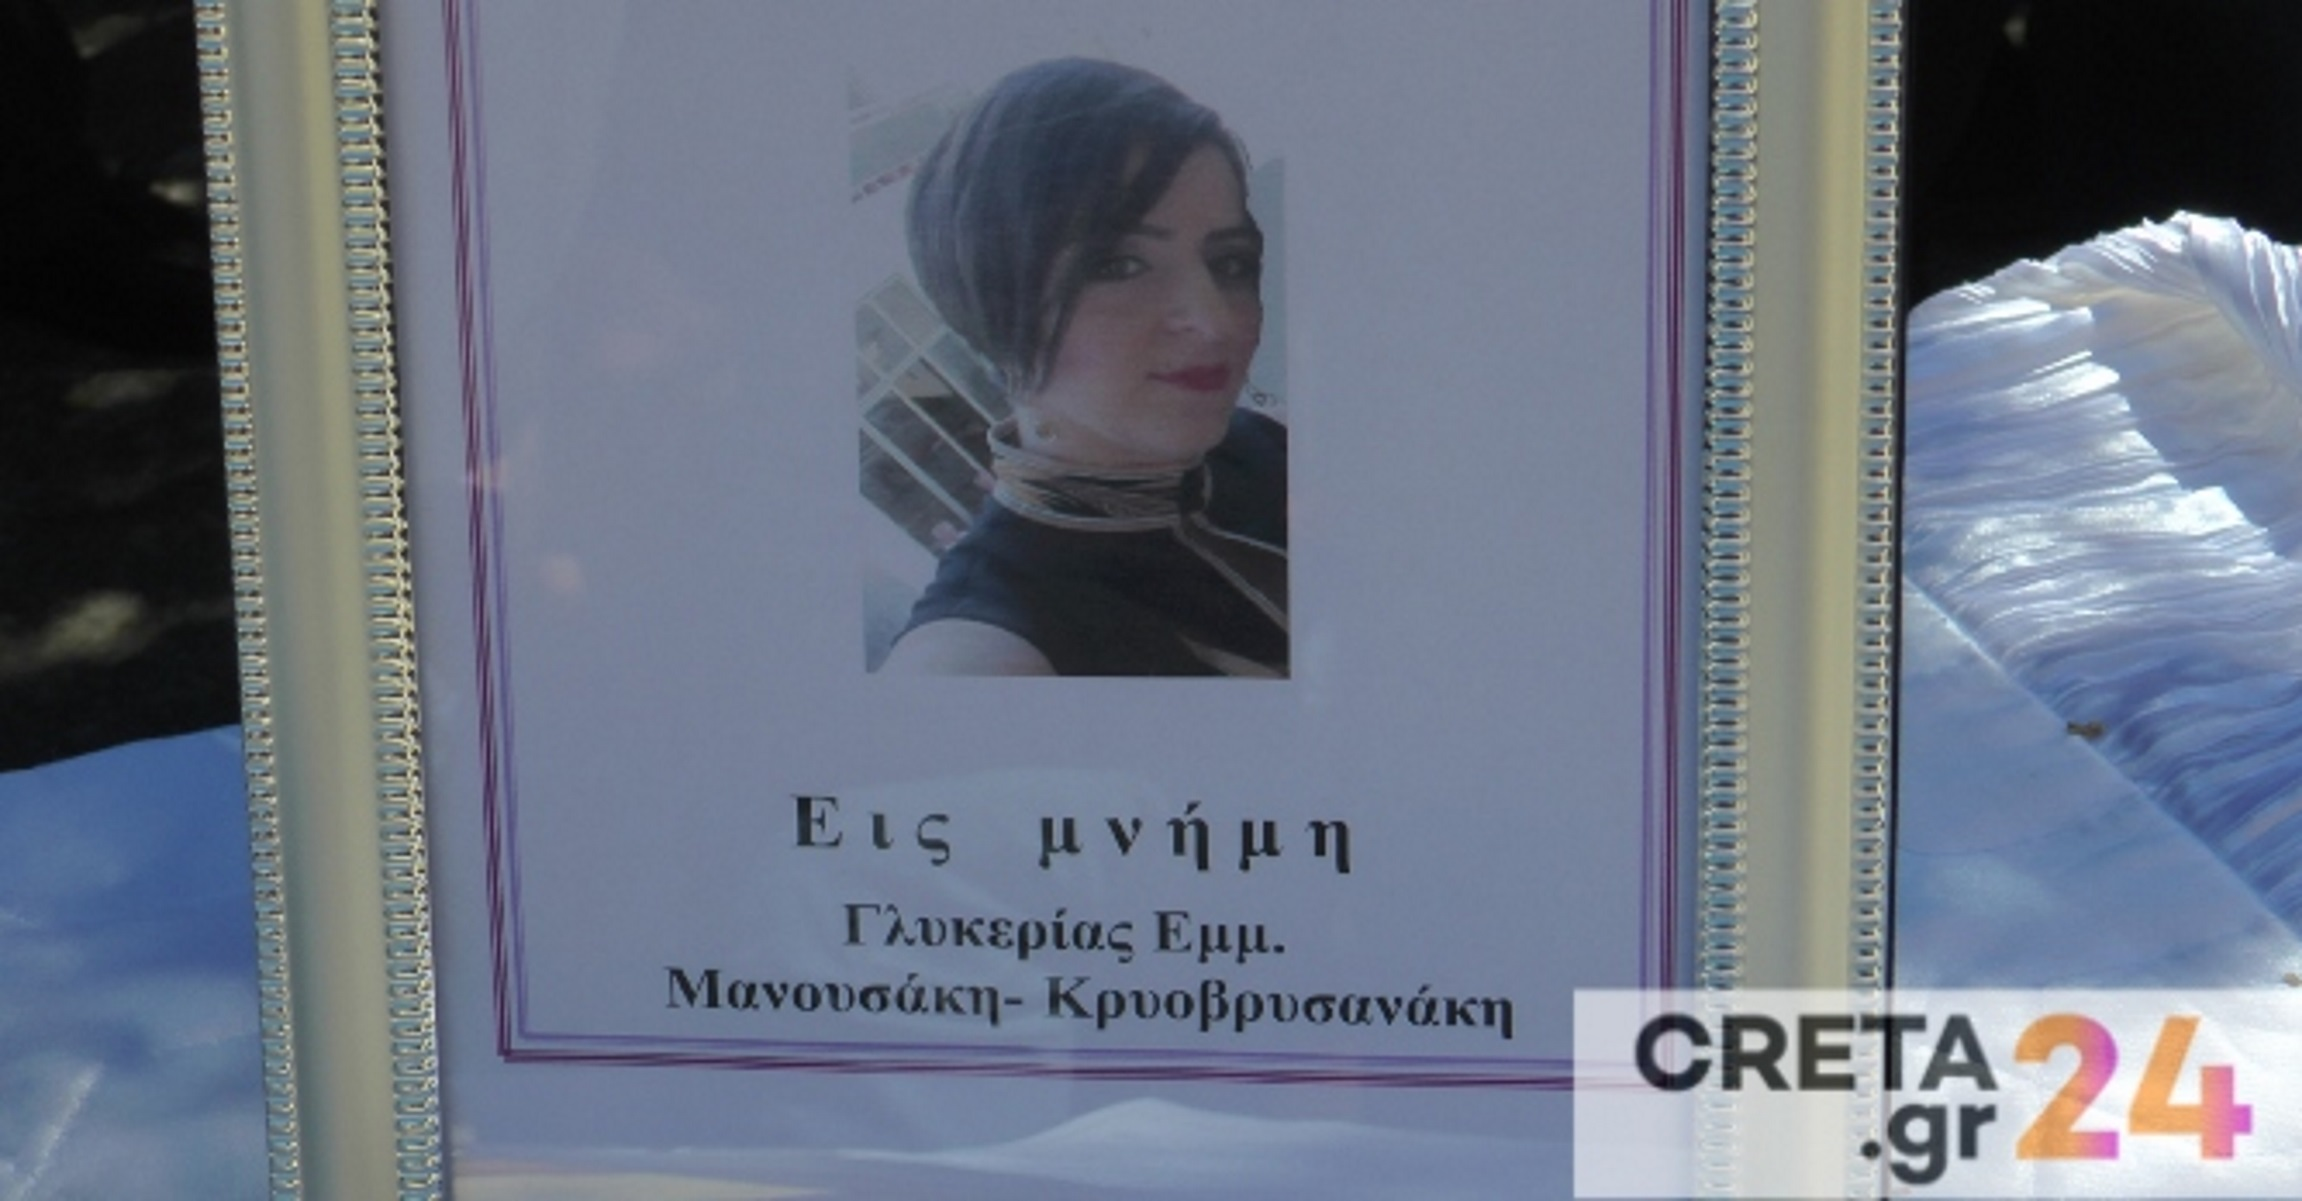 Ρέθυμνο: Βουβός πόνος στο τελευταίο αντίο της 44χρονης Γλυκερίας – Τραγική φιγούρα ο σύζυγος (pics, vid)